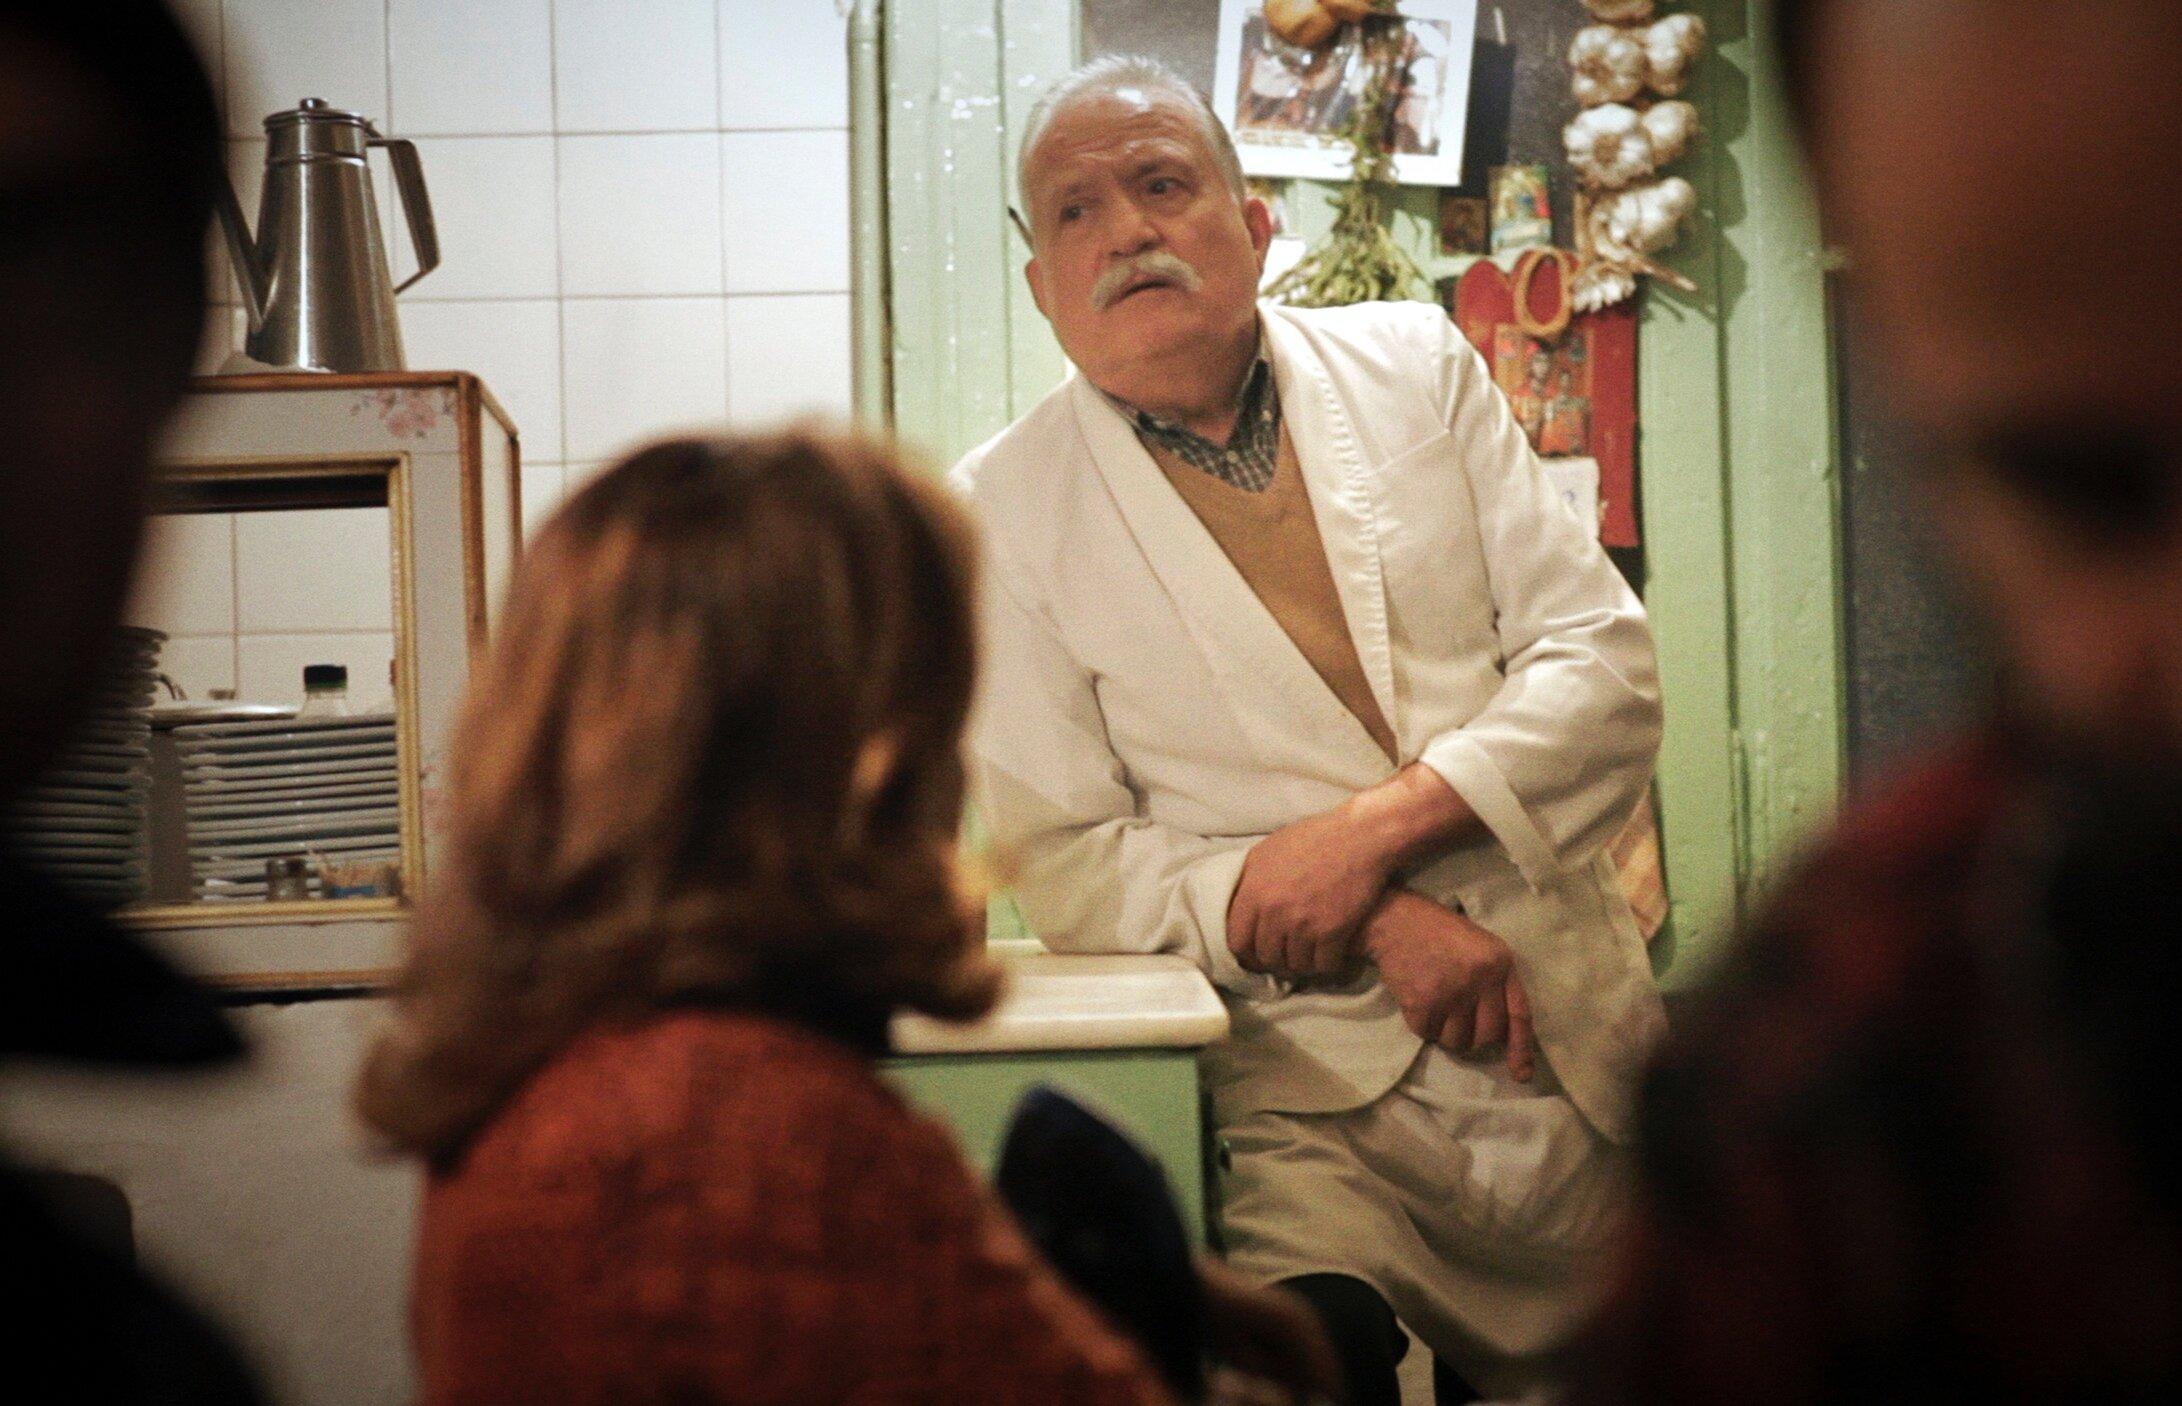 """A scene from the documentary, """"İstanbul Meyhaneleri: Vuslatın Başka Alem""""."""